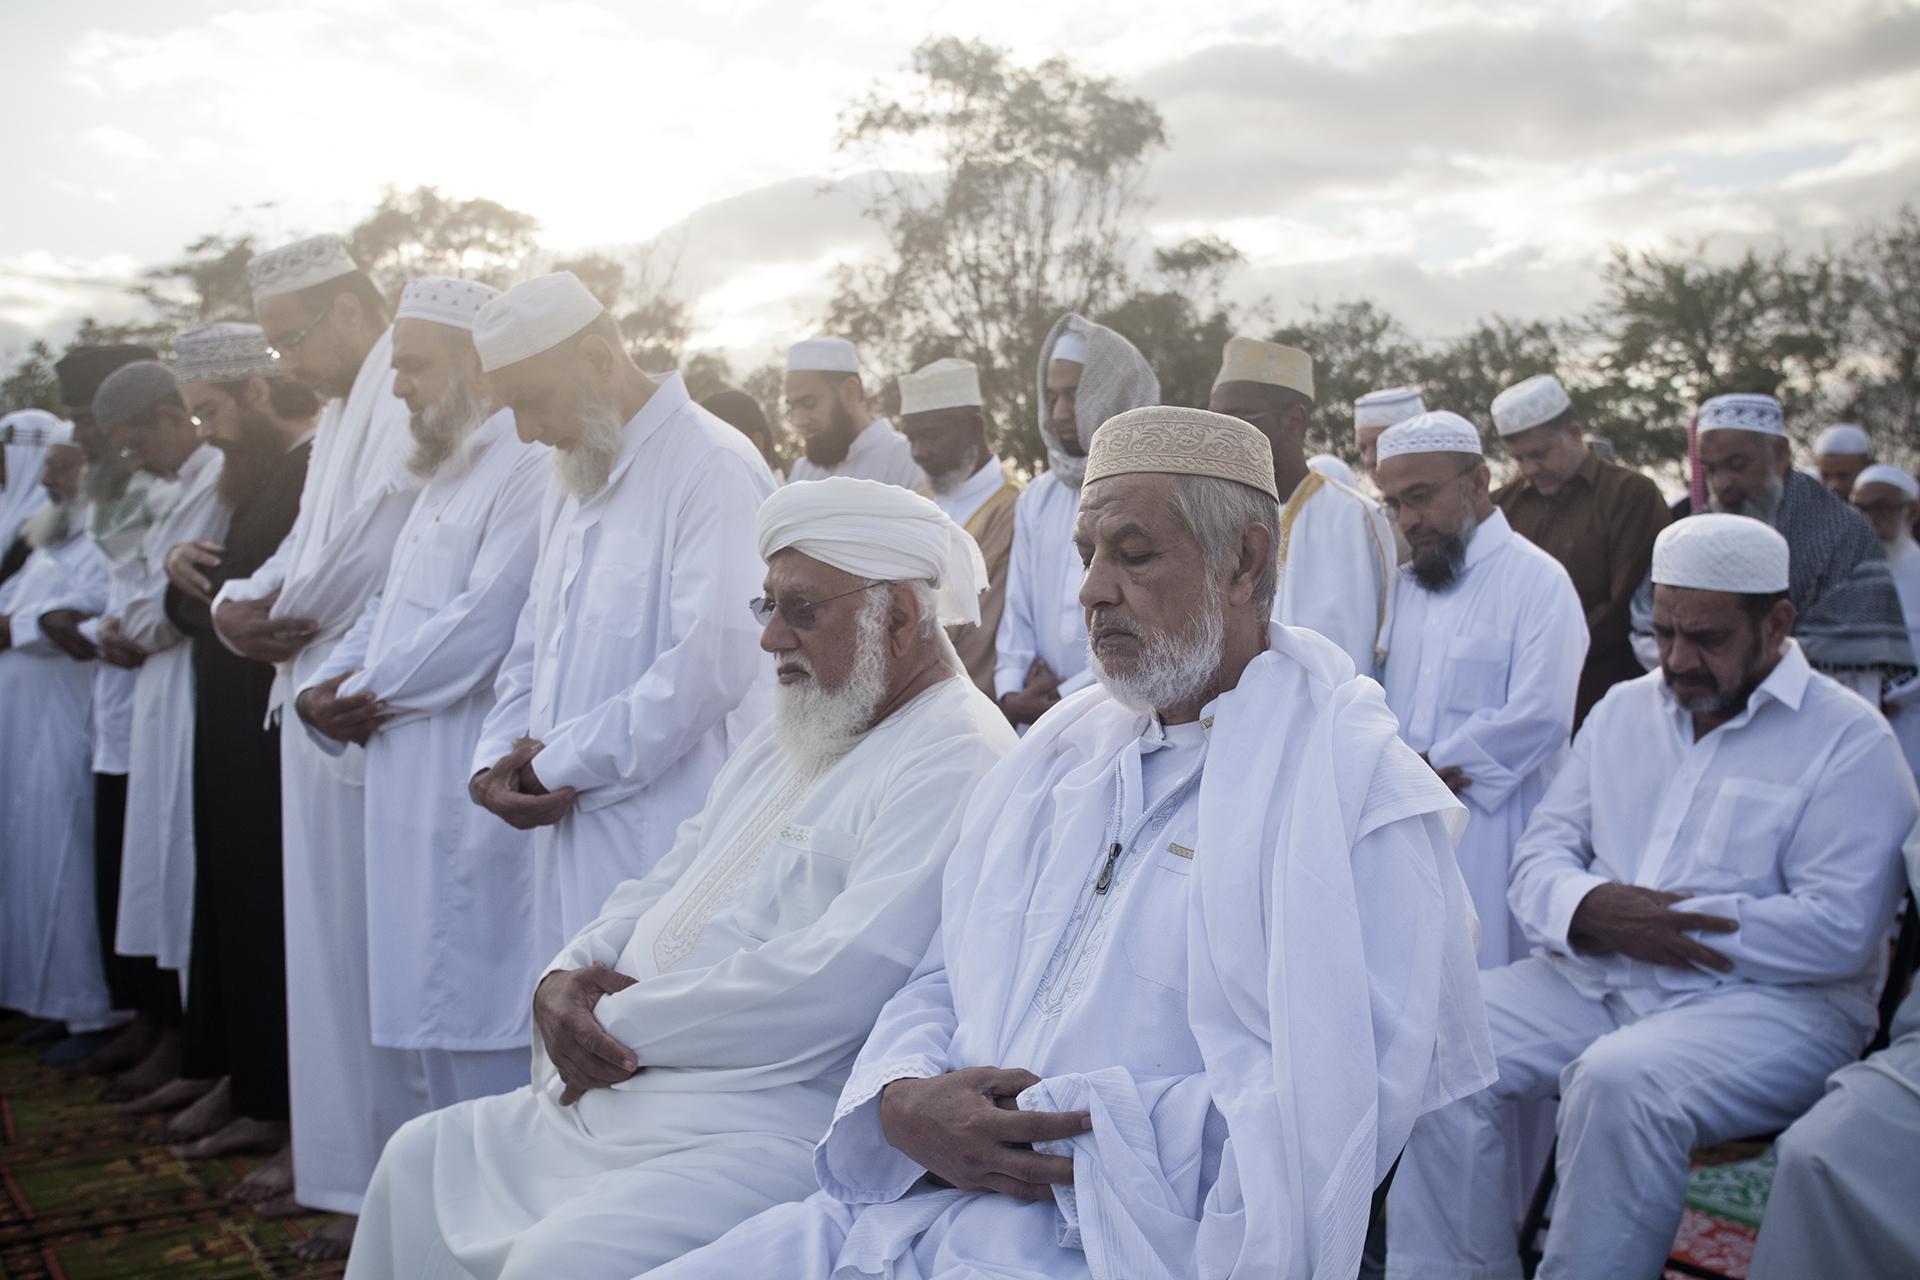 Saint-Pierre, Ile de la Réunion. Octobre 2012.Grande prière du matin, le jour de l'Aïd El Kebir (Kourbani). La majorité des hommes musulmans de la commune de Saint-Pierre sont venus prier sur un terrain loué pour l'évènement par la communauté.